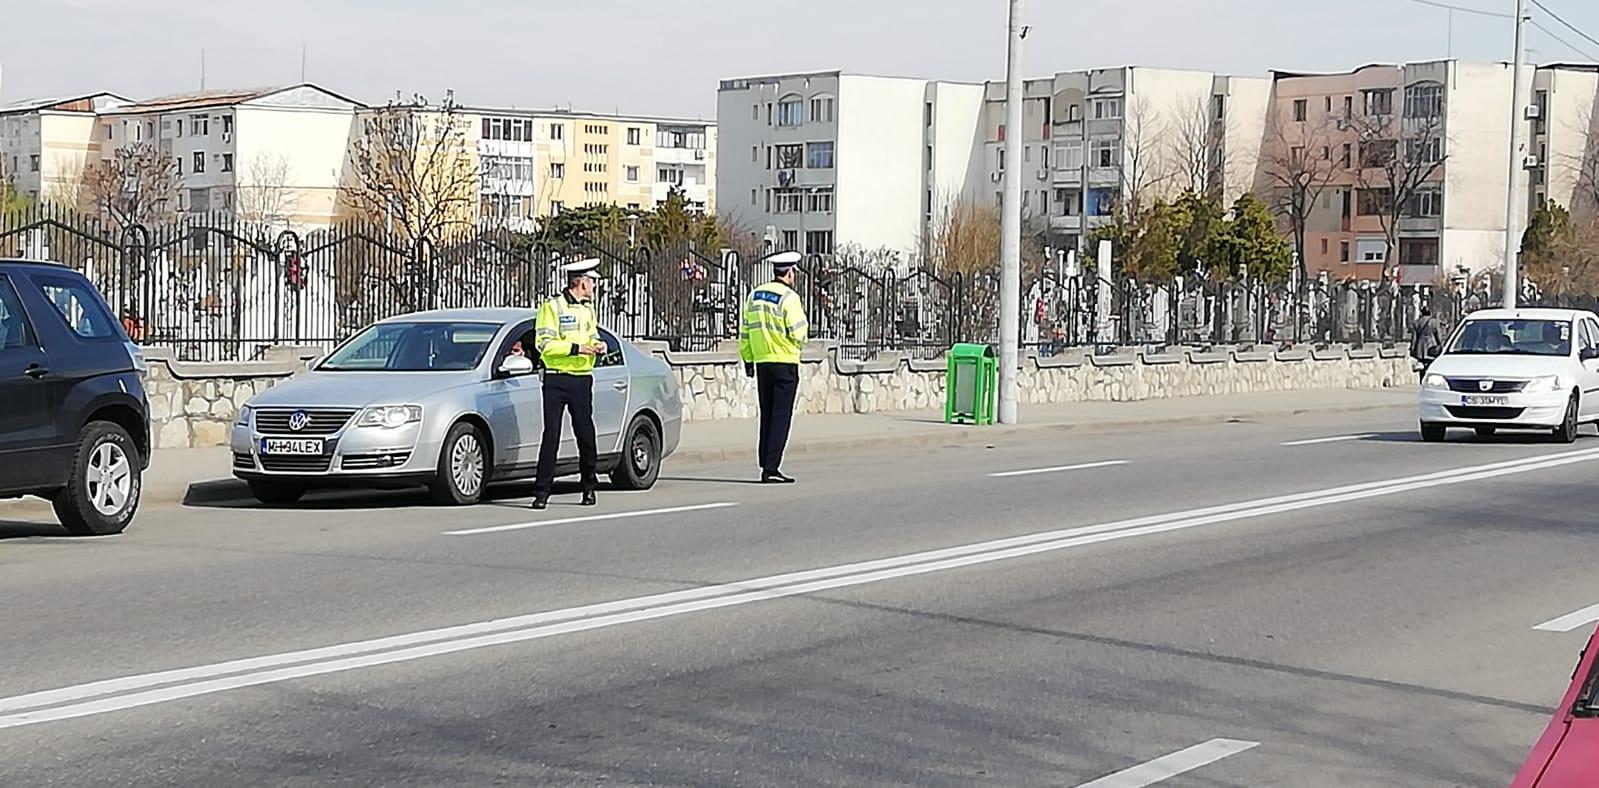 Le-a prezentat polițiștilor permisul pe care anterior îl declarase pierdut